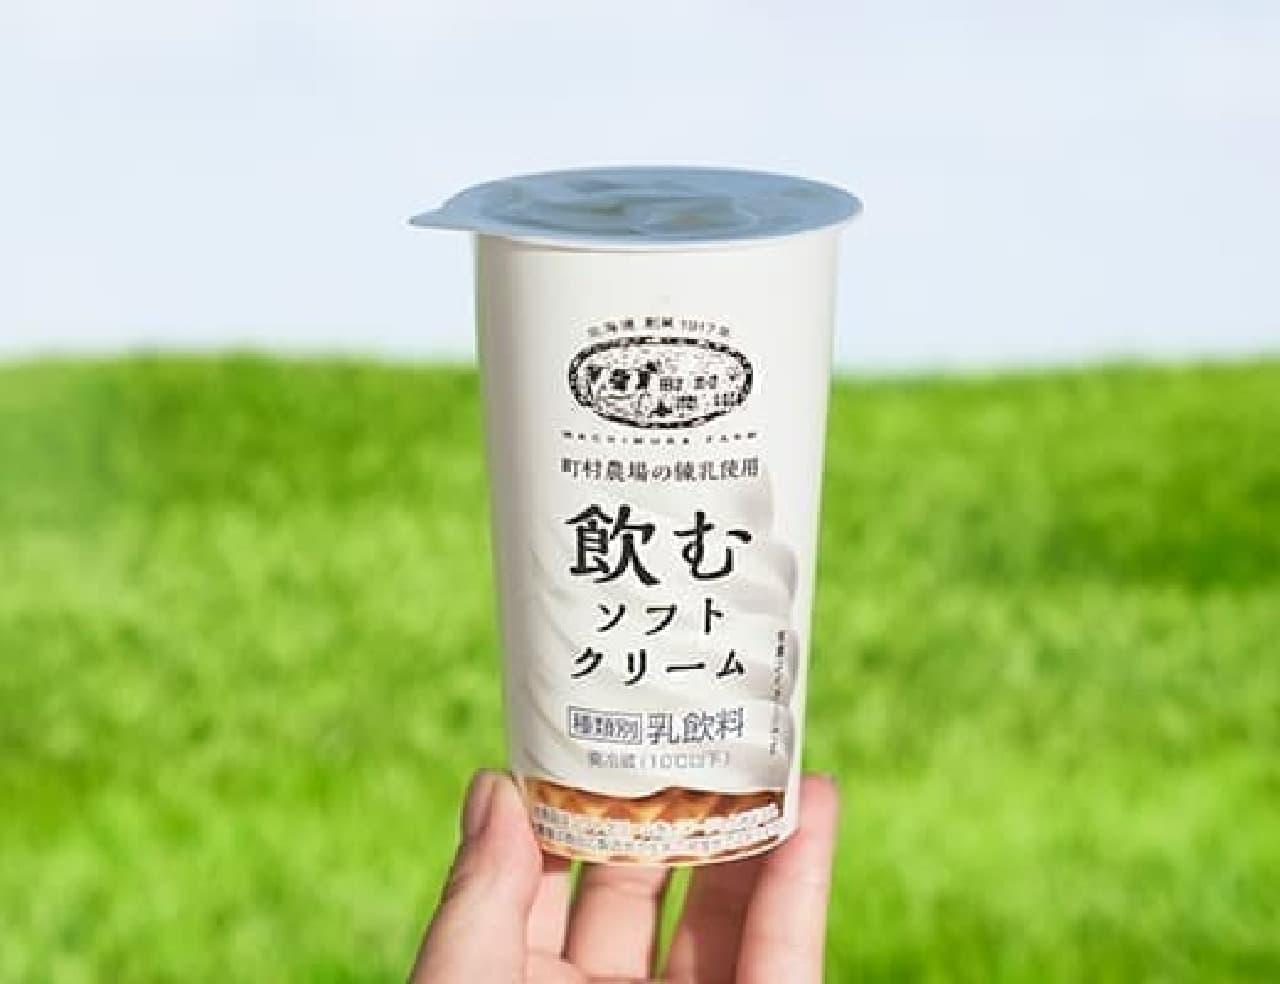 ローソン「町村農場 飲むソフトクリーム 190ml」